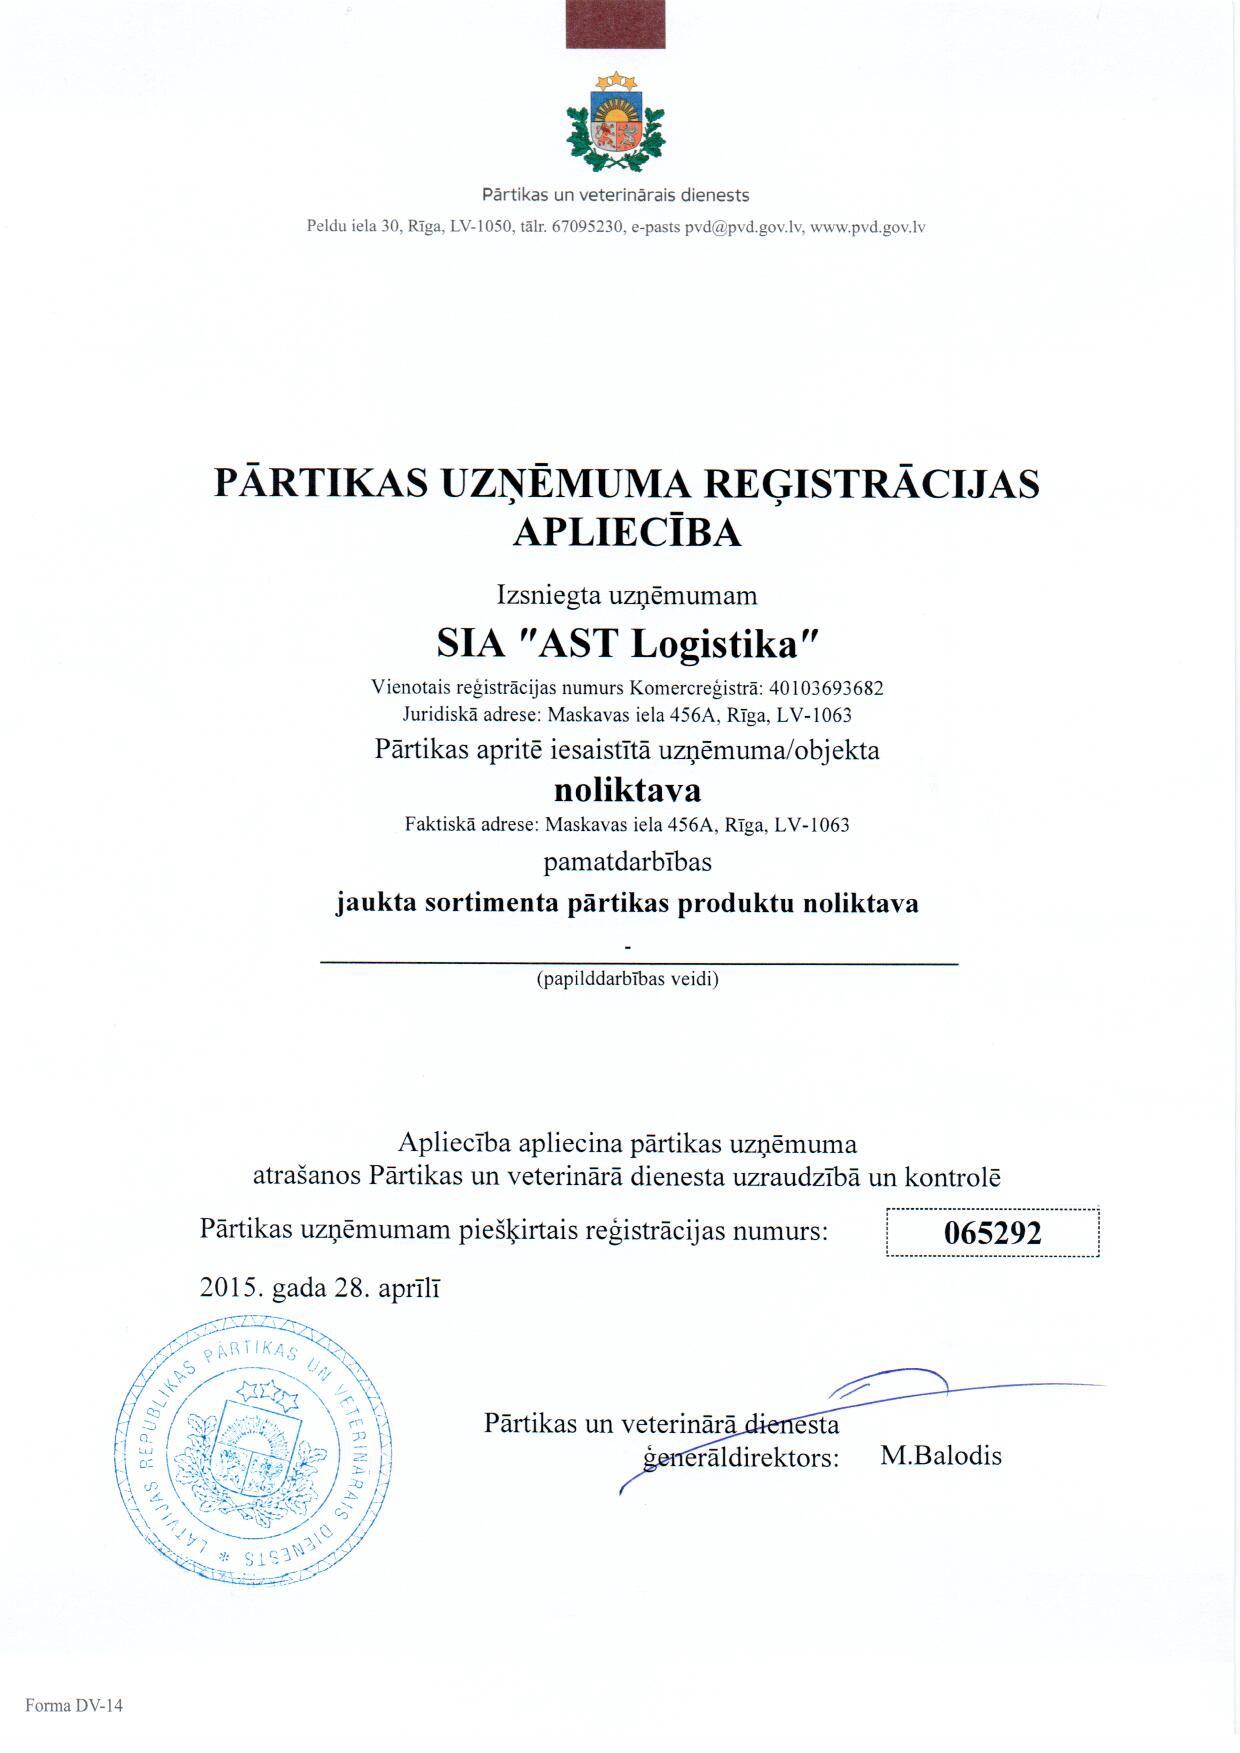 Cвидетельство о регистрации продуктового предприятия